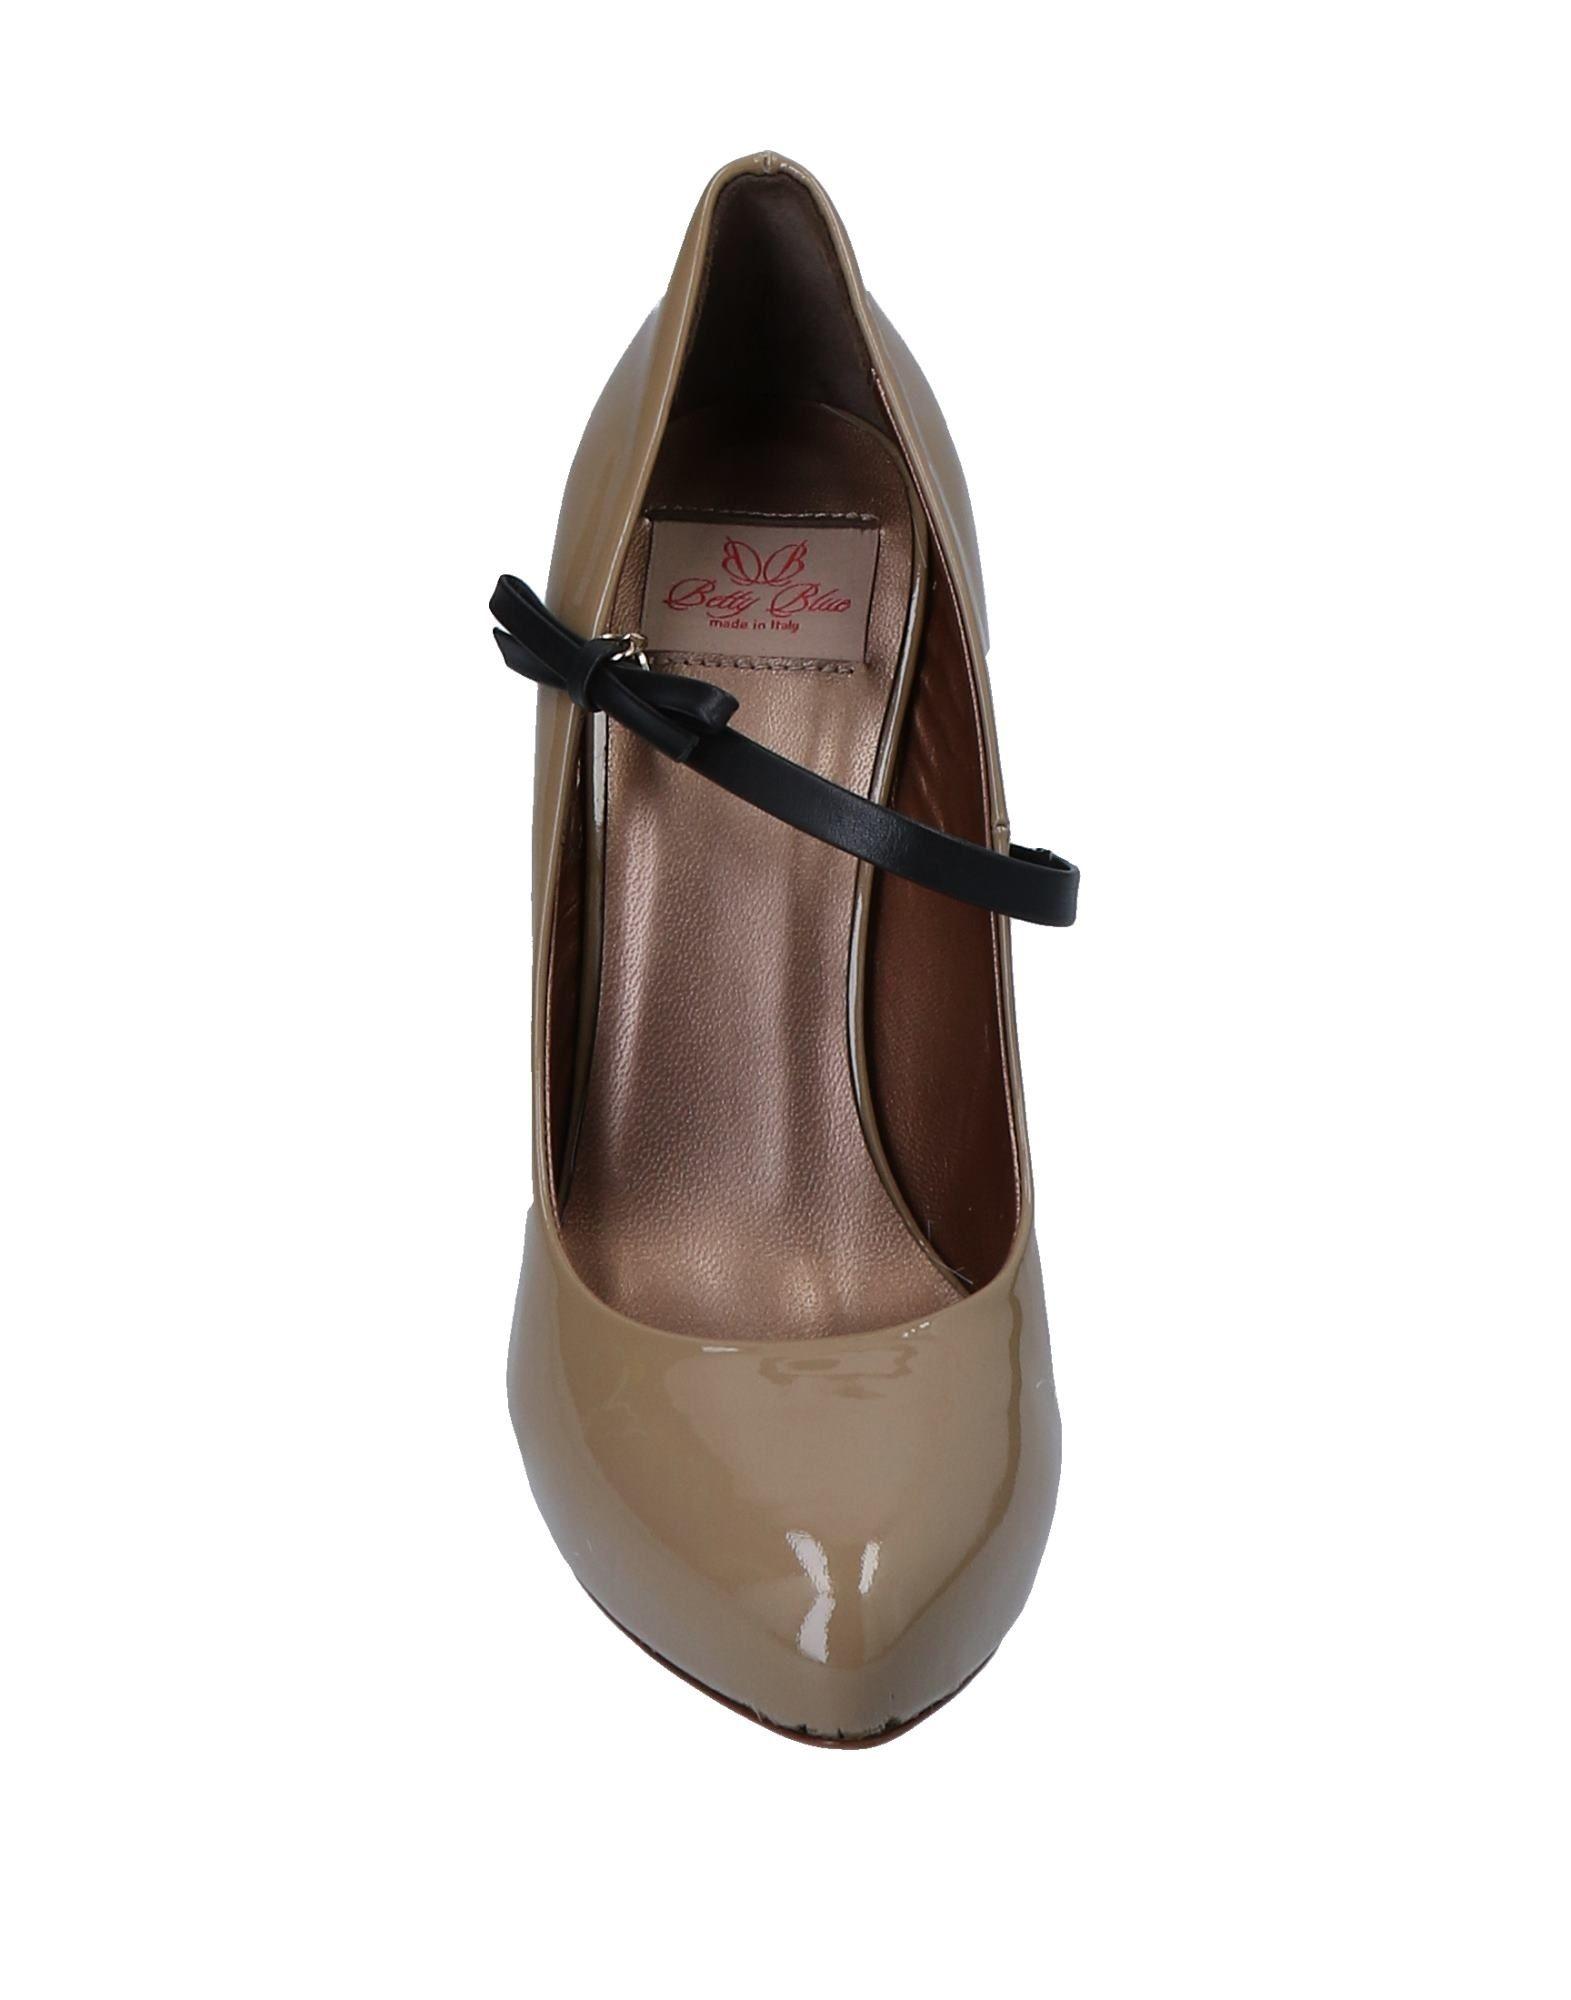 Stilvolle billige Schuhe Damen Betty Blau Pumps Damen Schuhe  11541306IK 7dfa95